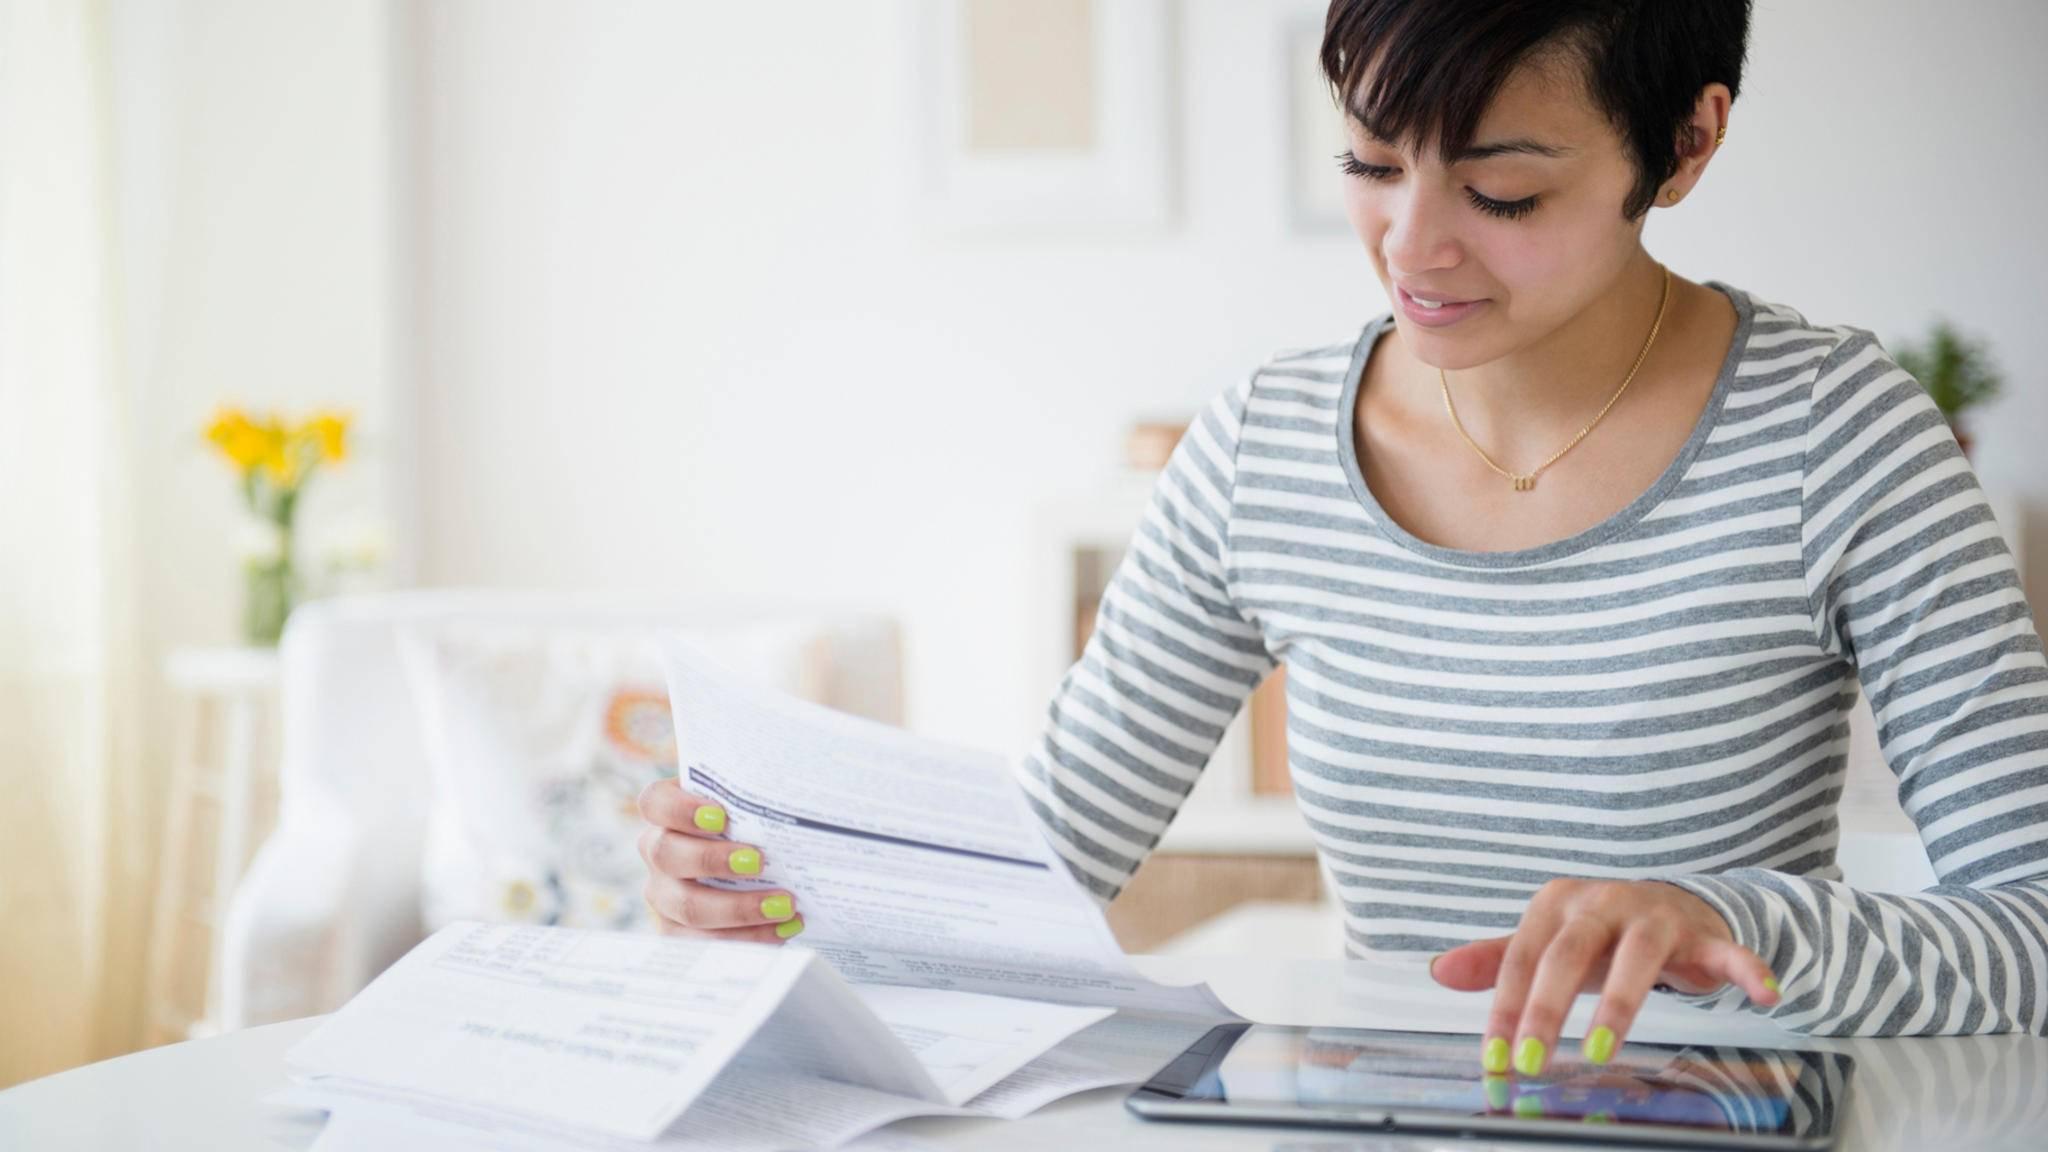 Mit einer Haushaltsbuch-App behältst Du bequem den Überblick über Deine Einnahmen und Ausgaben.